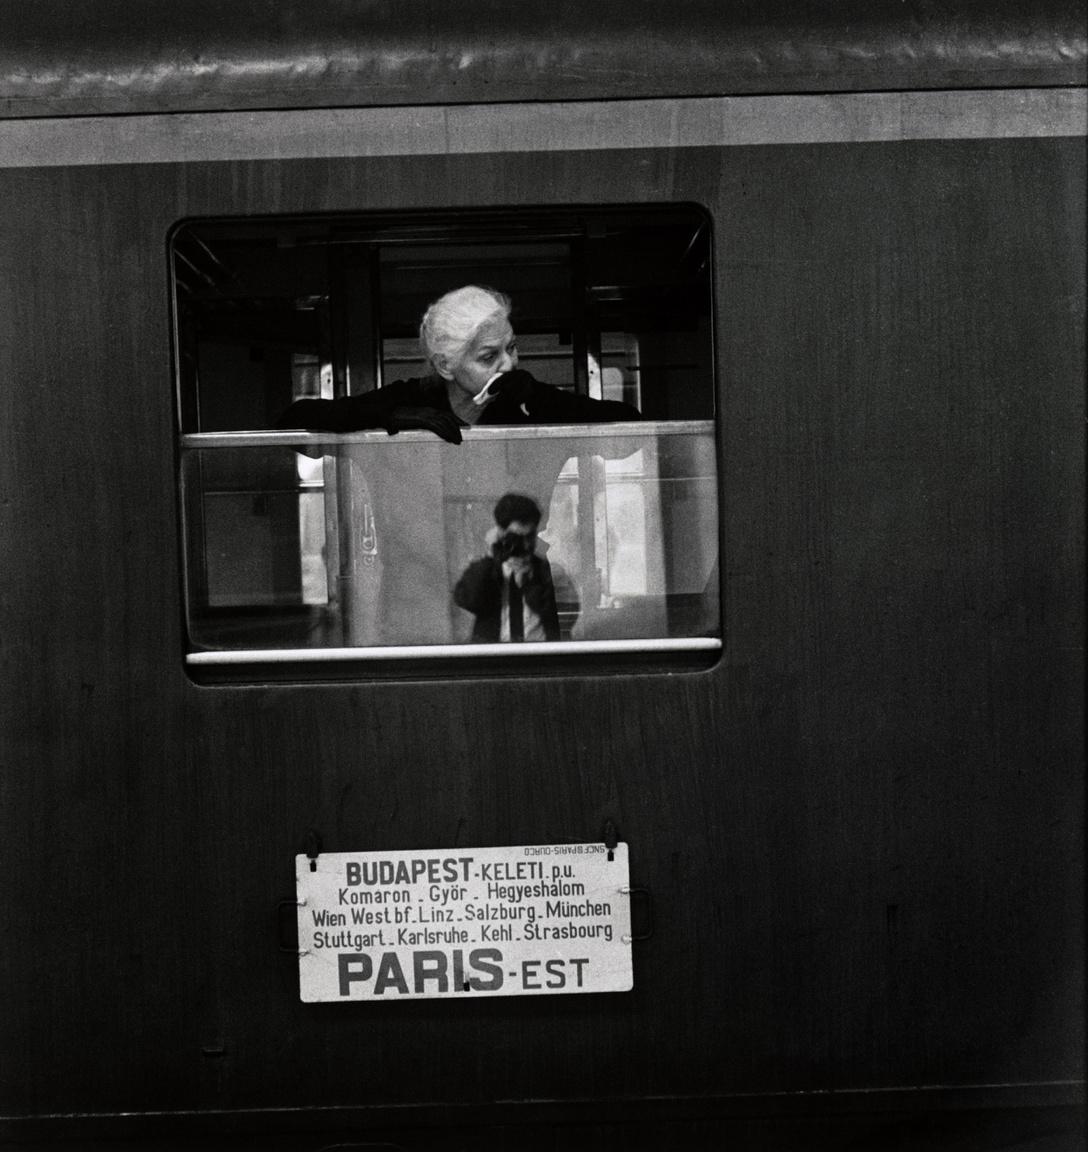 """Elliott Erwitt 1964-ben a Time magazin megbízásából járt Magyarországon. Az akkor csupán 36 éves fotográfus a megbízásra egy interjúban úgy emlékszik vissza, mint egyik legemlékezetesebb munkájára: """"Nem volt semmilyen megkötés. Szabadon fotózhattam, amit csak akartam.""""  Magyarország mellett az egykori Csehszlovákiában és Lengyelországban is fényképezett, megörökítve a szocialista országokban zajló hétköznapi élet történéseit. A Vasfüggöny keleti oldalán töltött három hónap alatt összesen 350 tekercs filmet használt fel. Ezekből a képekből jelent meg első fotóalbuma, Kelet-Európa: Csehszlovákia, Magyarország, Lengyelország (1965) címmlel. A Magyarországon töltött időszak során számos budapesti helyszínen megfordult, emellett a falusi életet is dokumentálta. Az itt készültképek közül többet is kiemel, amikor életművéről kérdezik: a Keleti pályaudvaron készült önarcképét (fent), és az induló vonat mellett búcsúzó asszonyról készült fotót.                         Erwitt megható és érzelmekkel teli szituációként írta le a Keleti pályaudvaron tapasztalt jeleneteket visszaemlékezéseiben. Úgy vélte, a vonaton ülő emberek elhagyni készültek az országot, emigrációba vonultak, és talán soha nem térhettek vissza hazájukba. A fotó(k) készítésekor igyekezett feltűnésmentes maradni, nem szerette volna, ha a rendőrség épp akkor fogja el, amikor az elbúcsúzás intim pillanatait rögzíti. """"Nagy látószögű objektívvel még egy idomított orangután is elfogadható képet csinált volna ebben a helyzetben"""" – írta."""